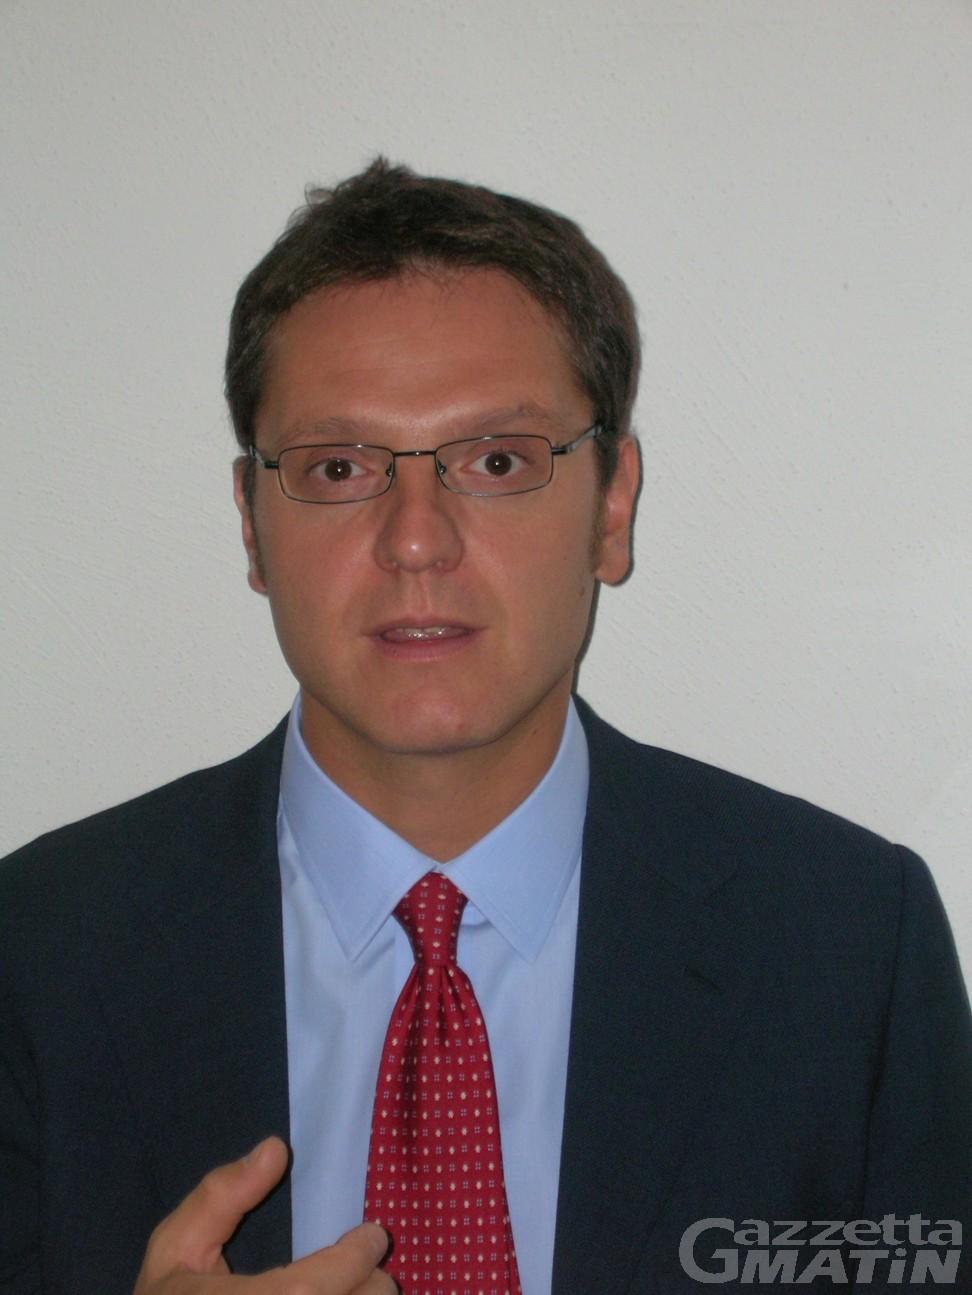 Commissione paritetica Stato-VdA: Massimo Occhiena è il nuovo presidente